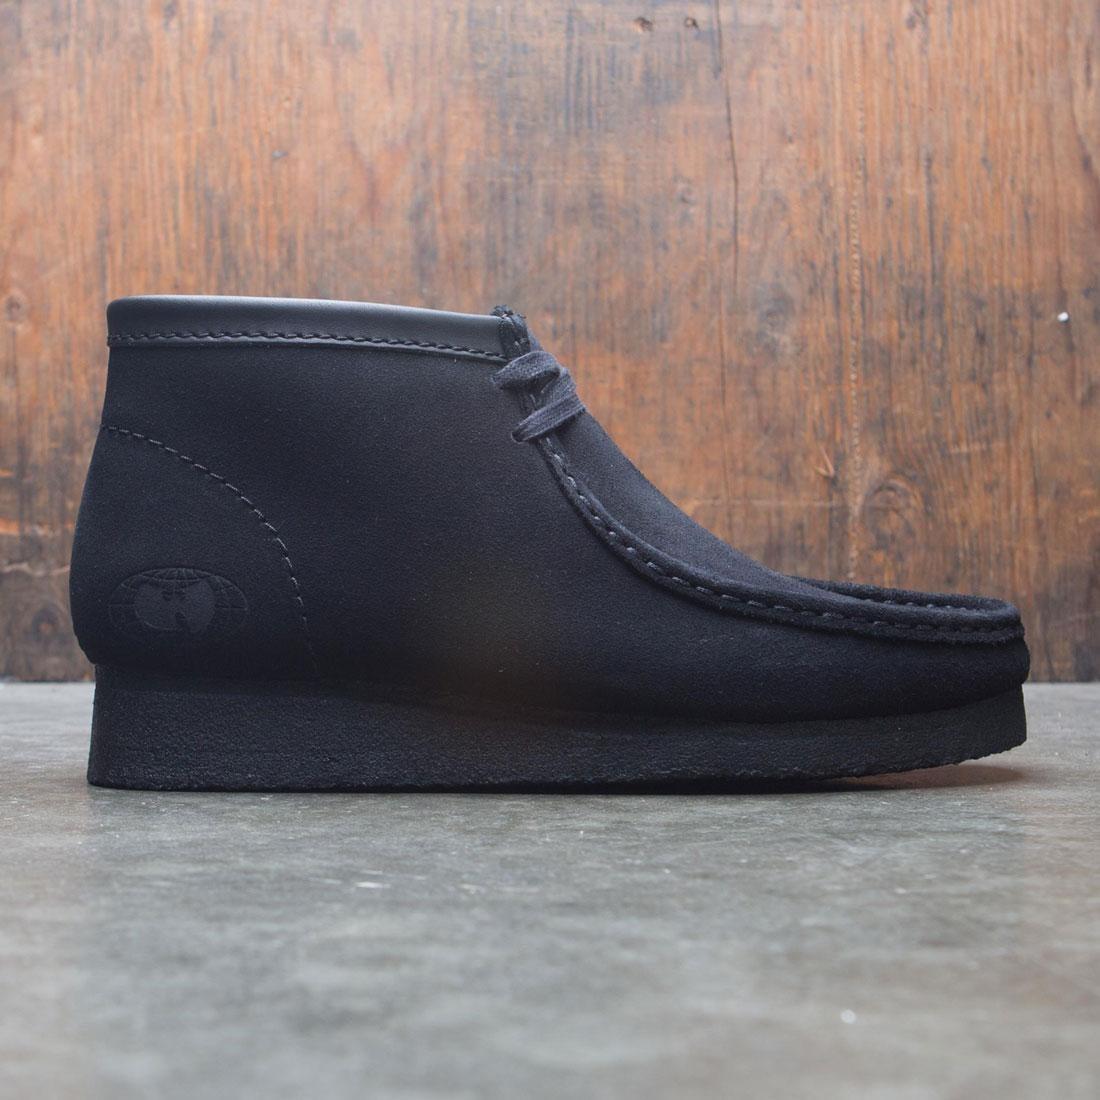 【海外限定】クラークス スエード スウェード 靴 スニーカー 【 CLARKS X WU TANG MEN WALLABEE SUEDE BLACK 】